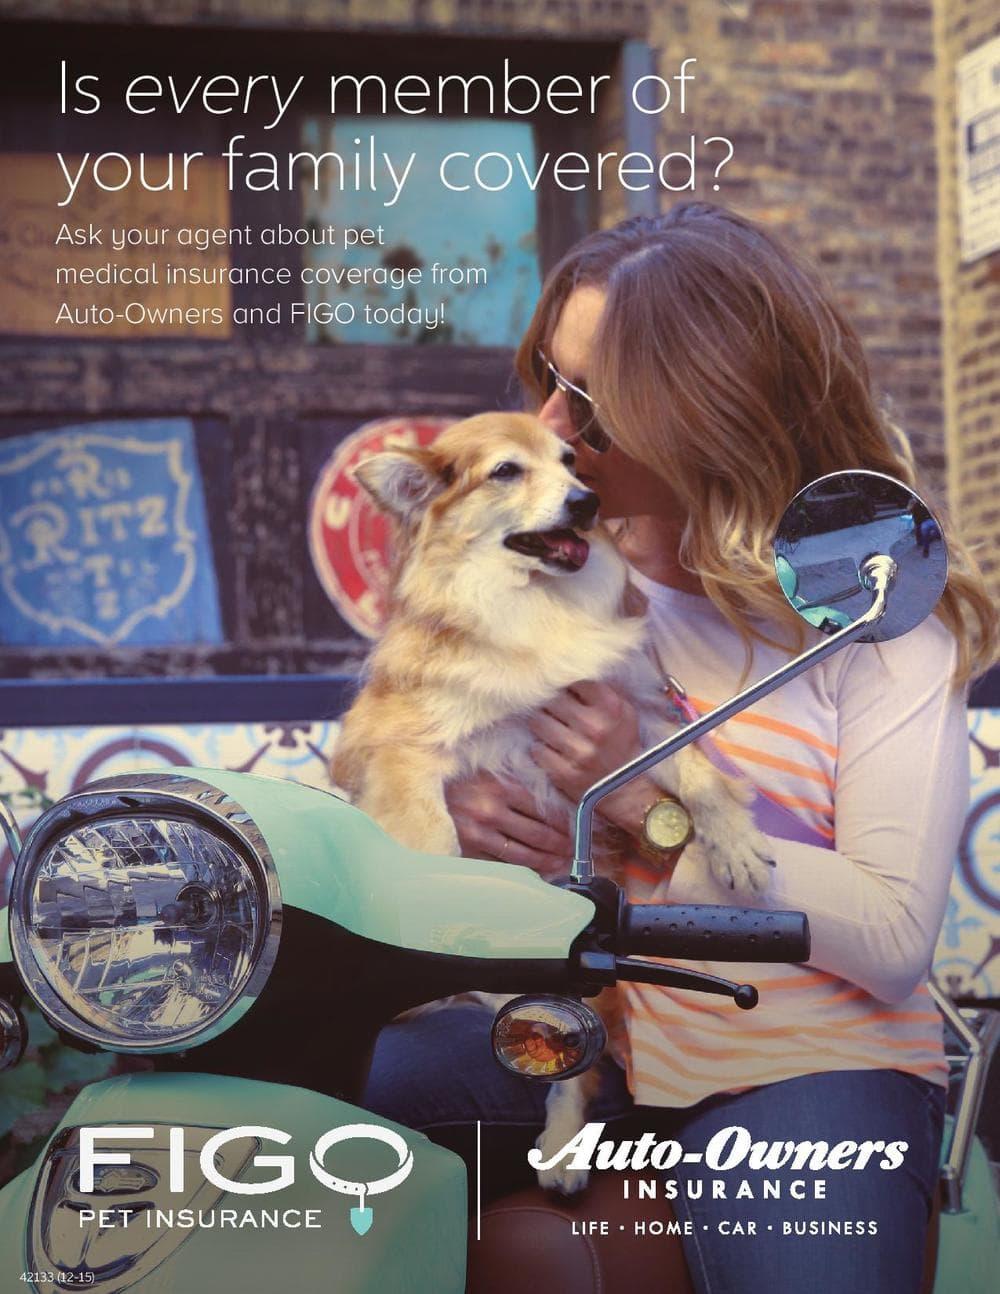 Figo Pet Insurance.jpg